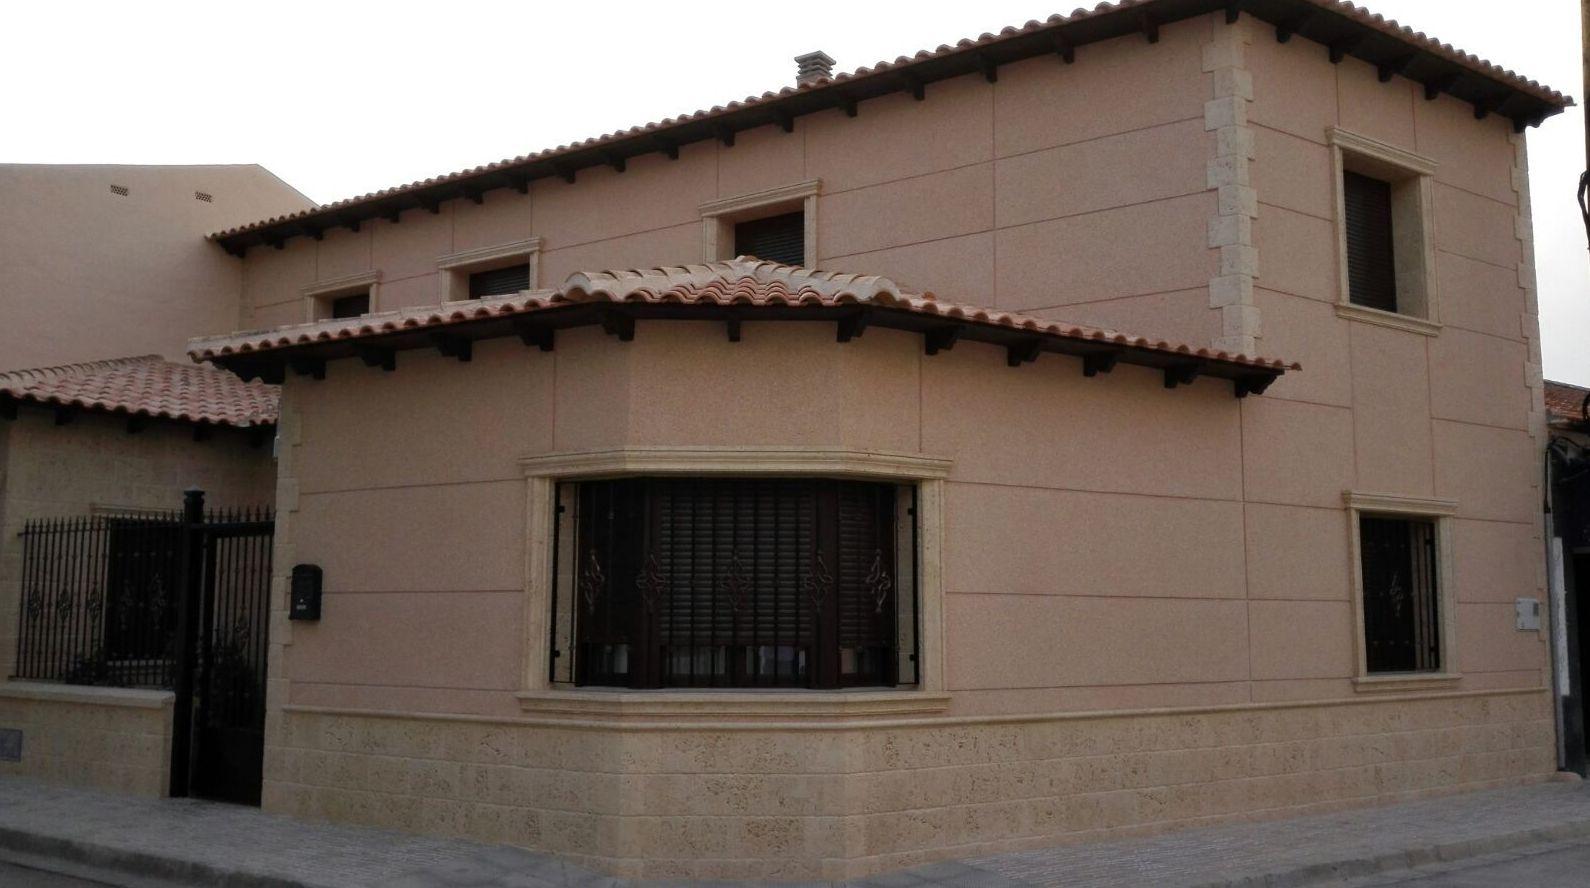 Foto 13 de piedra artificial en san clemente cymavi - Piedra artificial para fachadas ...